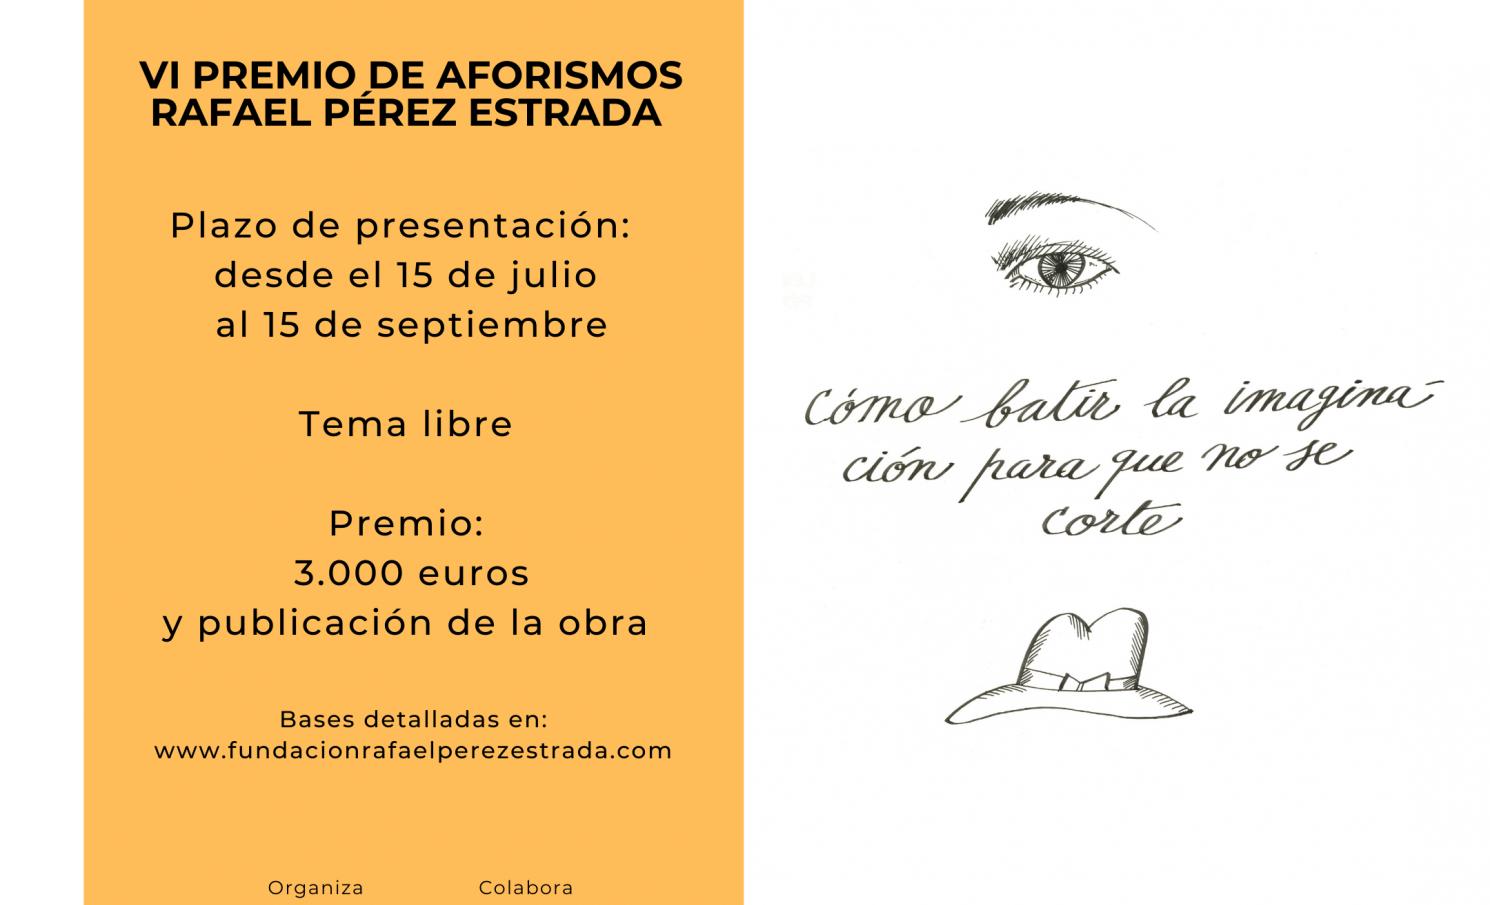 VI Premio de Aforismos Rafael Pérez Estrada 2021